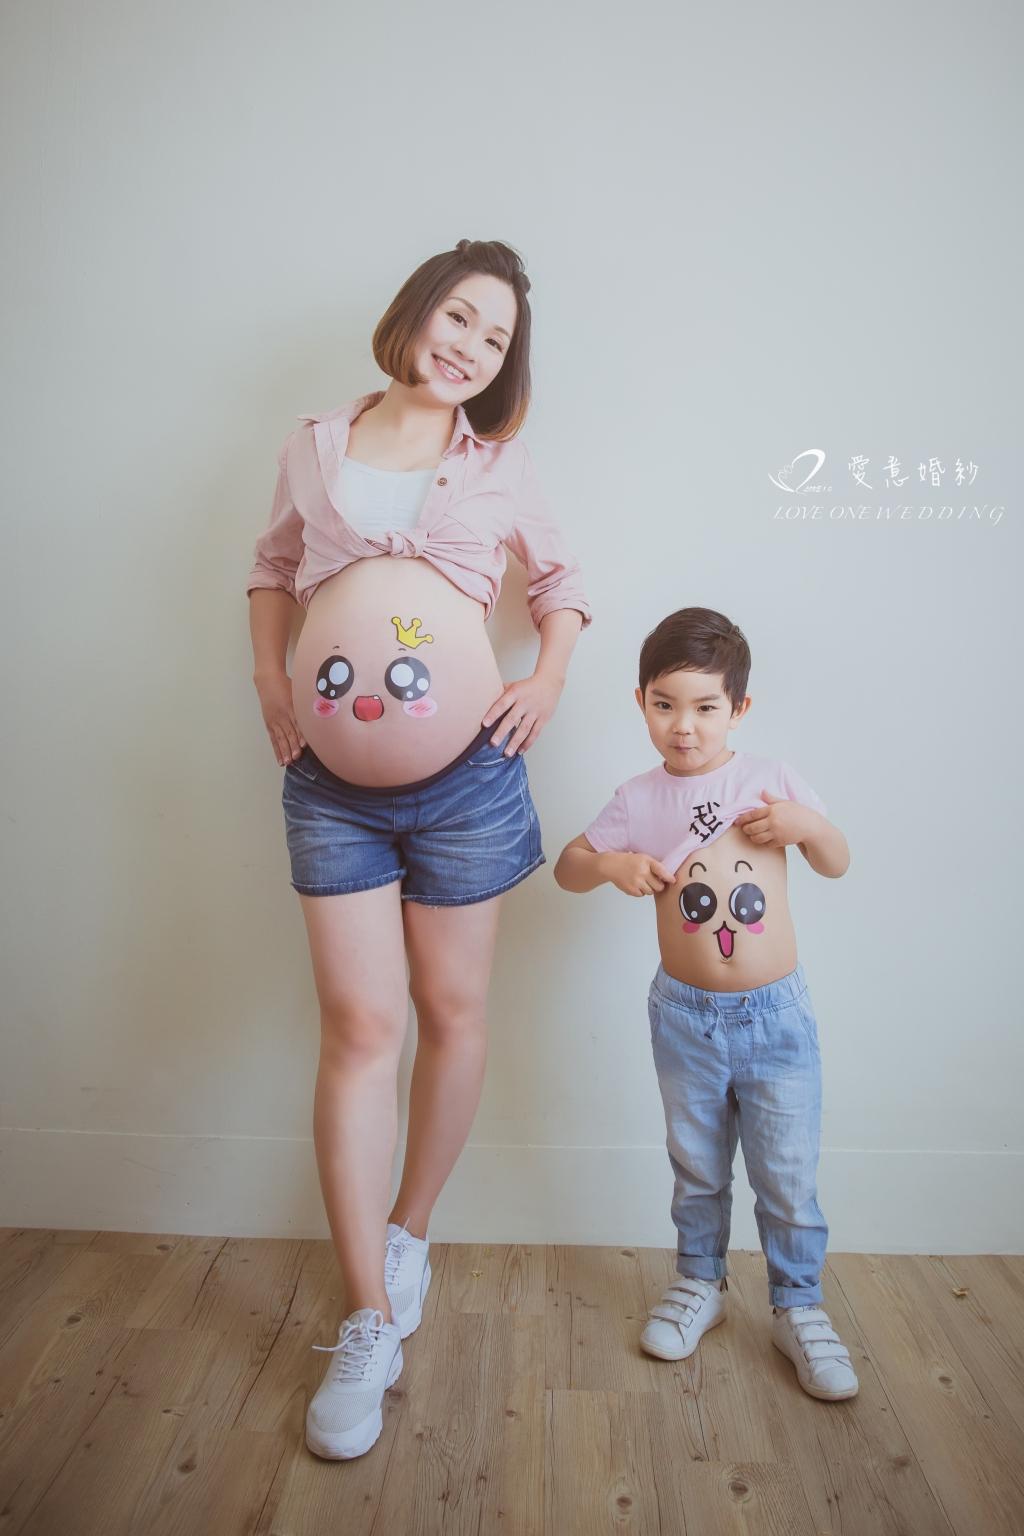 高雄愛意孕婦照13